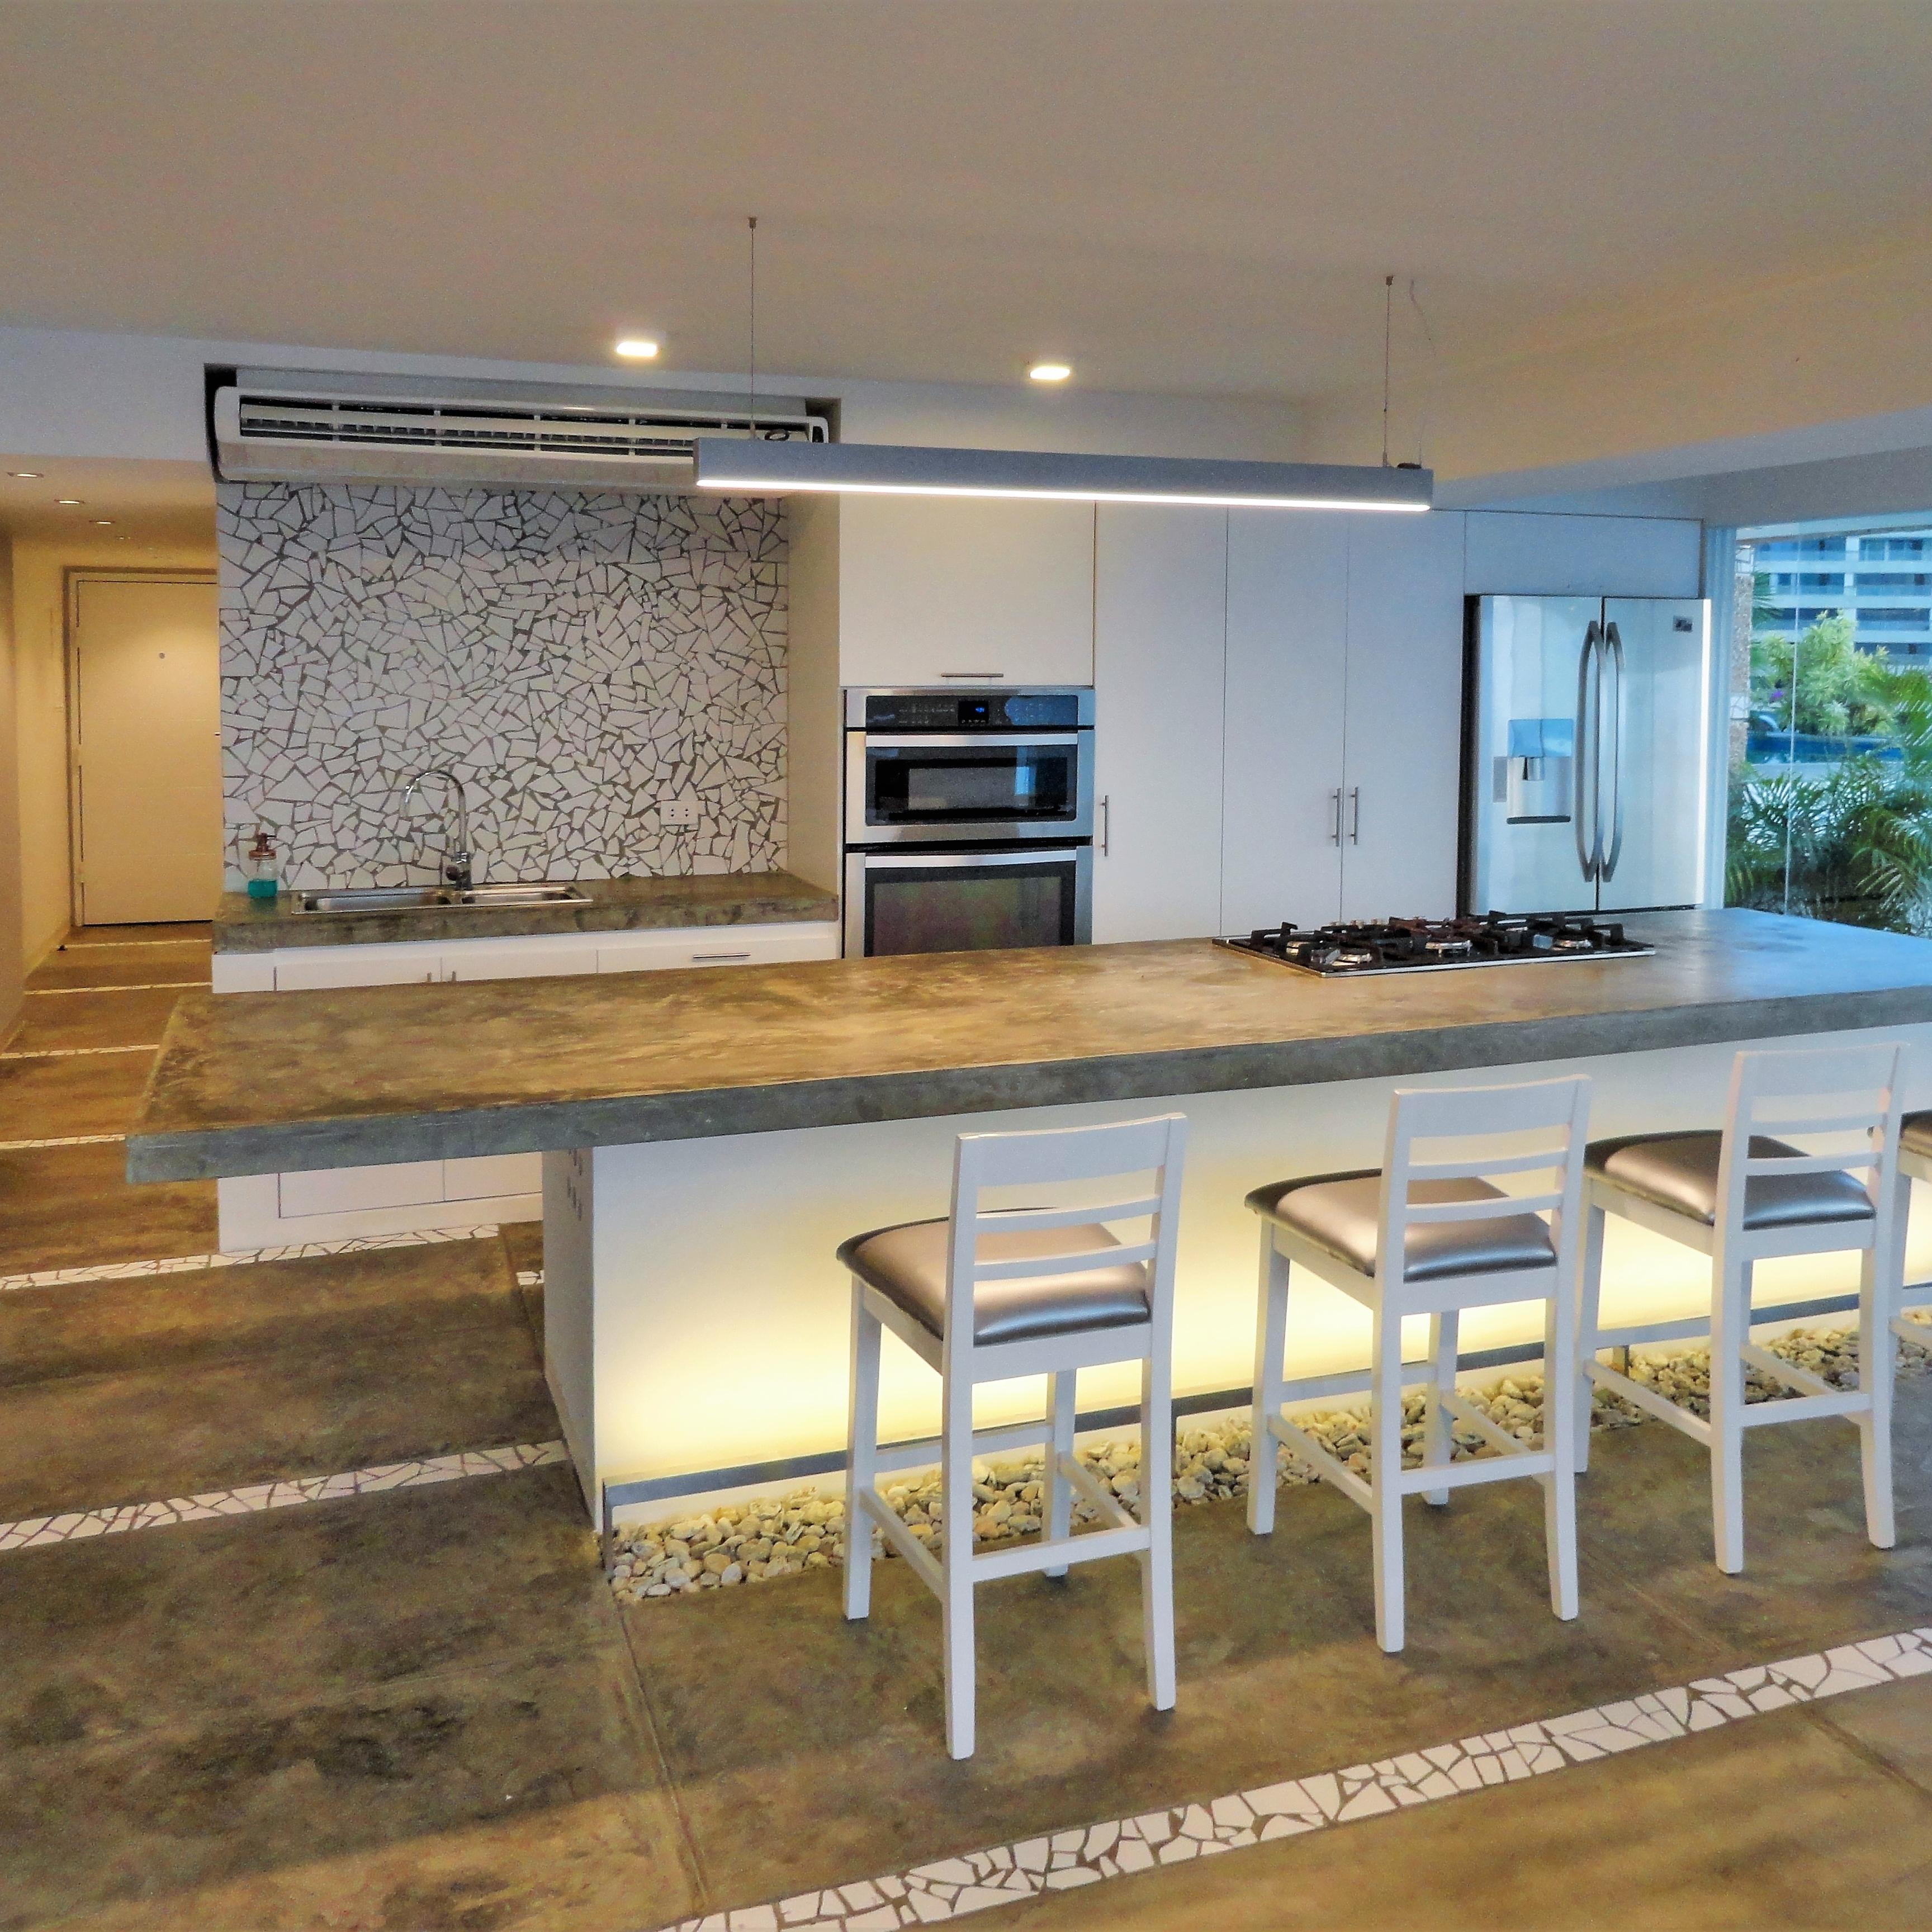 Diseño Interior, Apartamento, Remodelación, Concreto